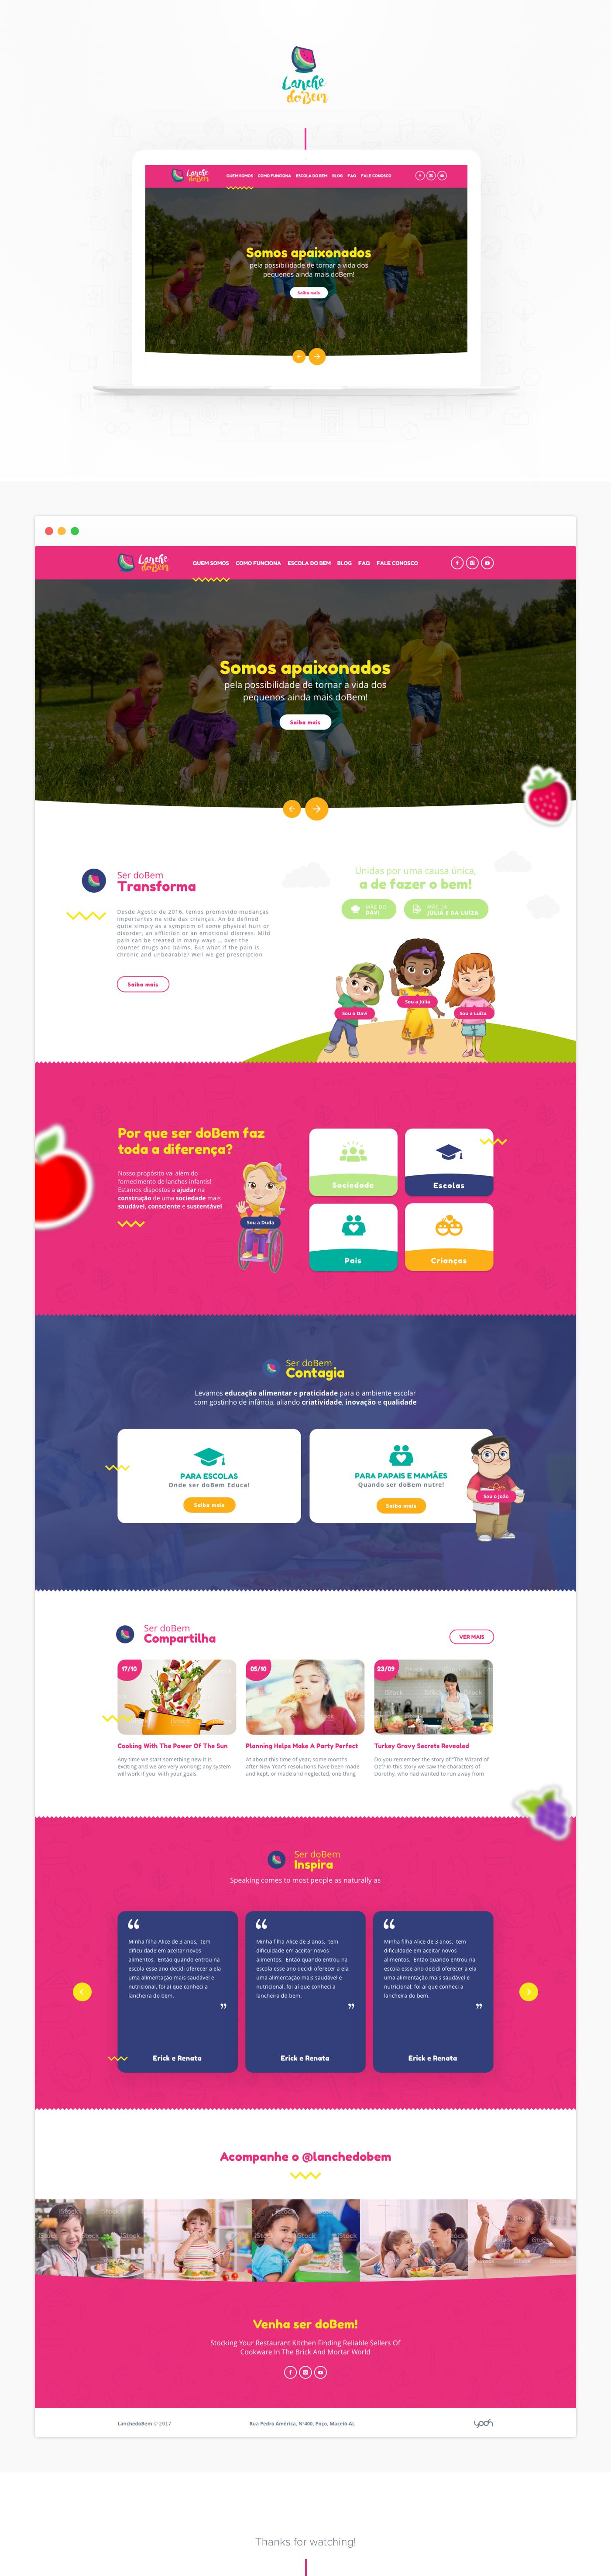 ux,UI,design,front-end,back-end,Website,lanche,Ecommerce